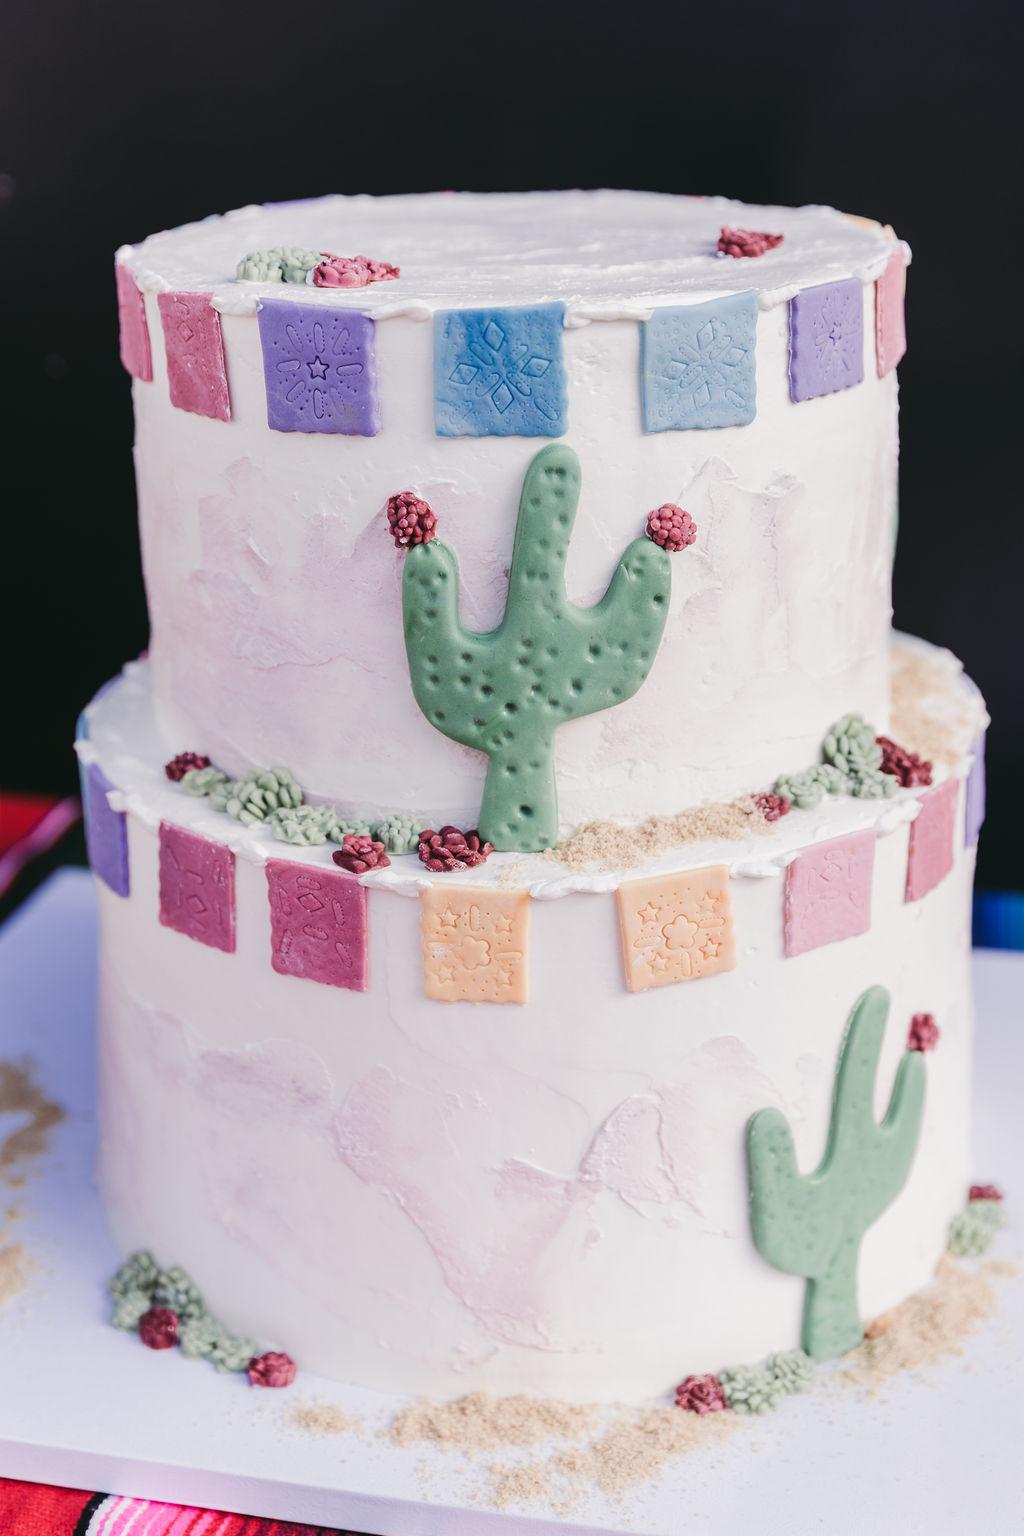 fiesta birthday cake - mwokaji cakery.jpg